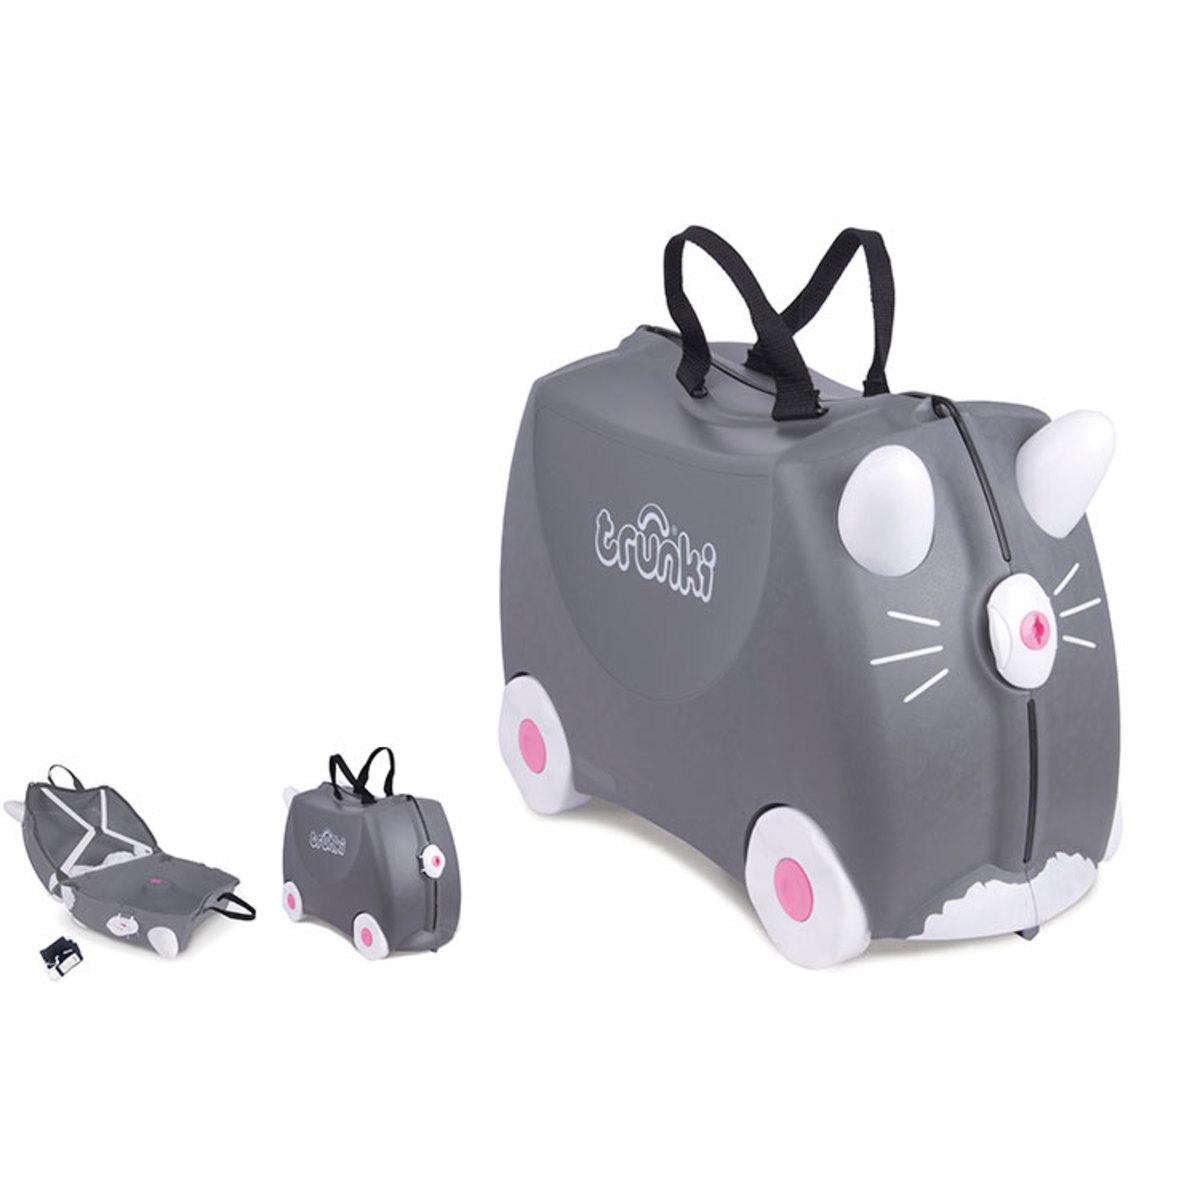 valise chat benny 9220180 achat vente bagagerie enfant sur. Black Bedroom Furniture Sets. Home Design Ideas